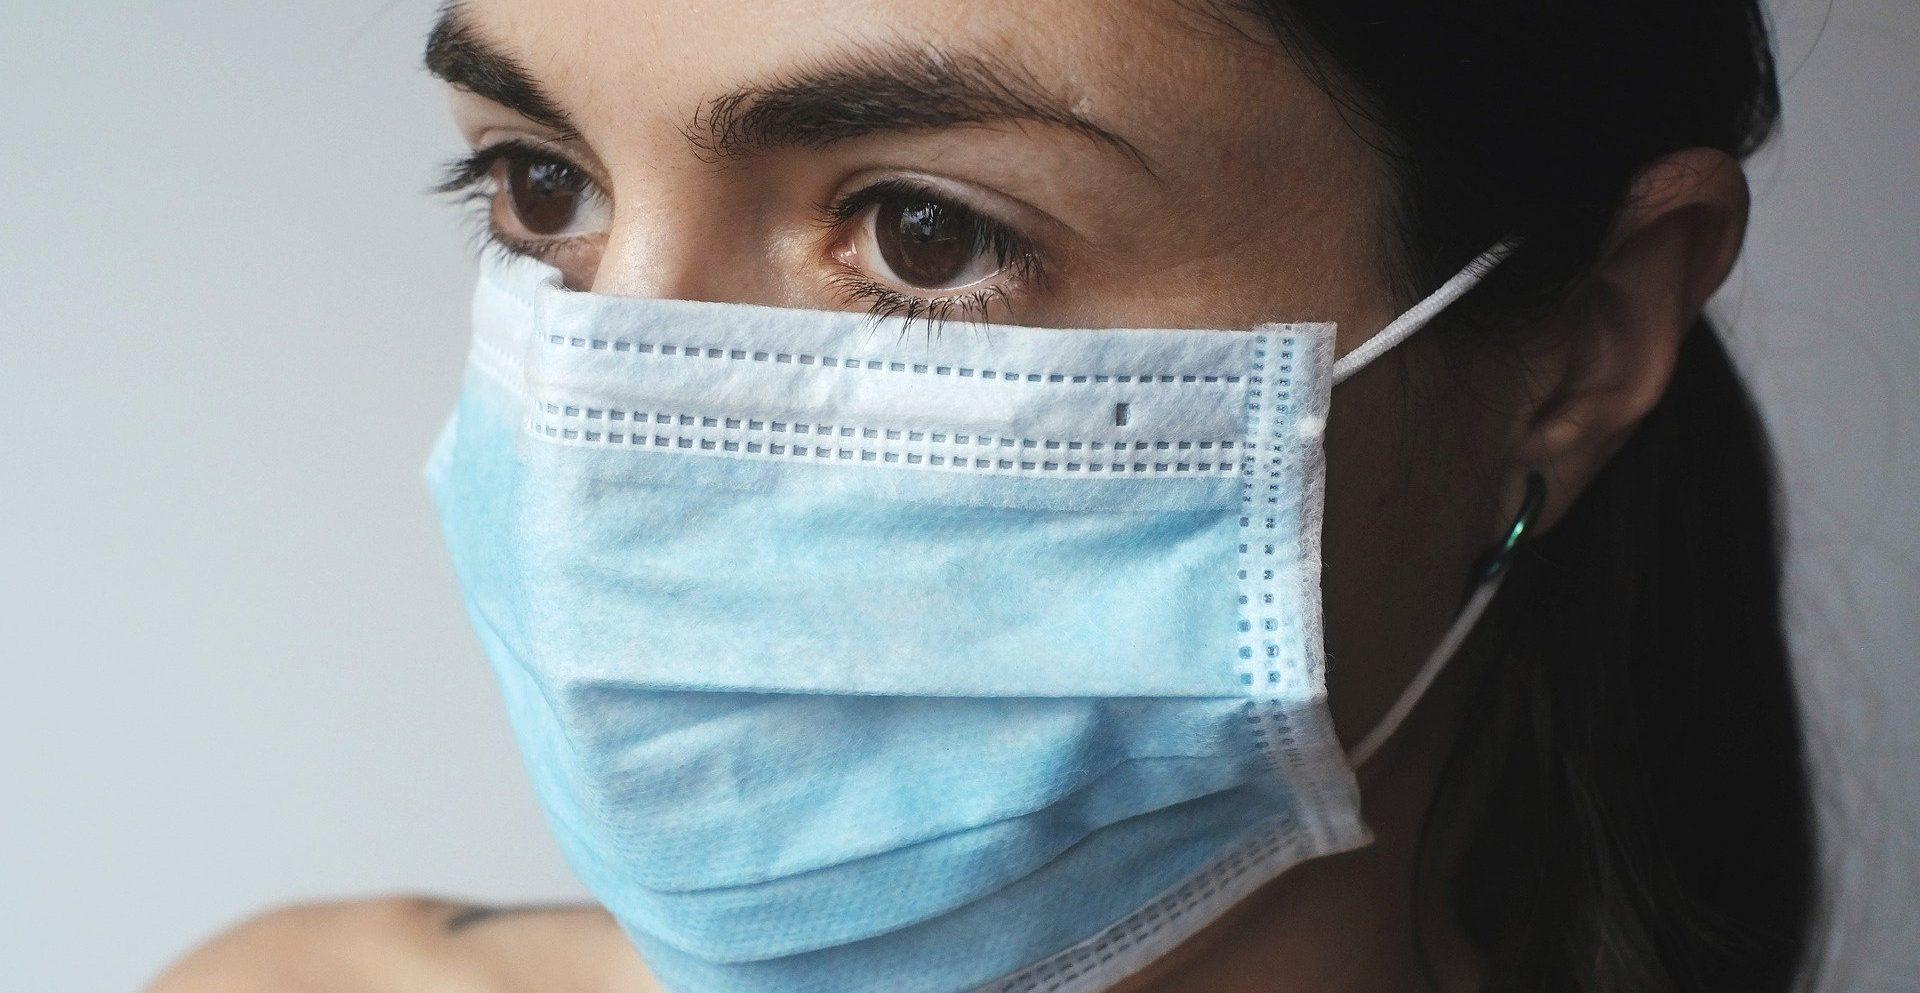 Техника безопасности при коронавирусе: будьте аккуратны!